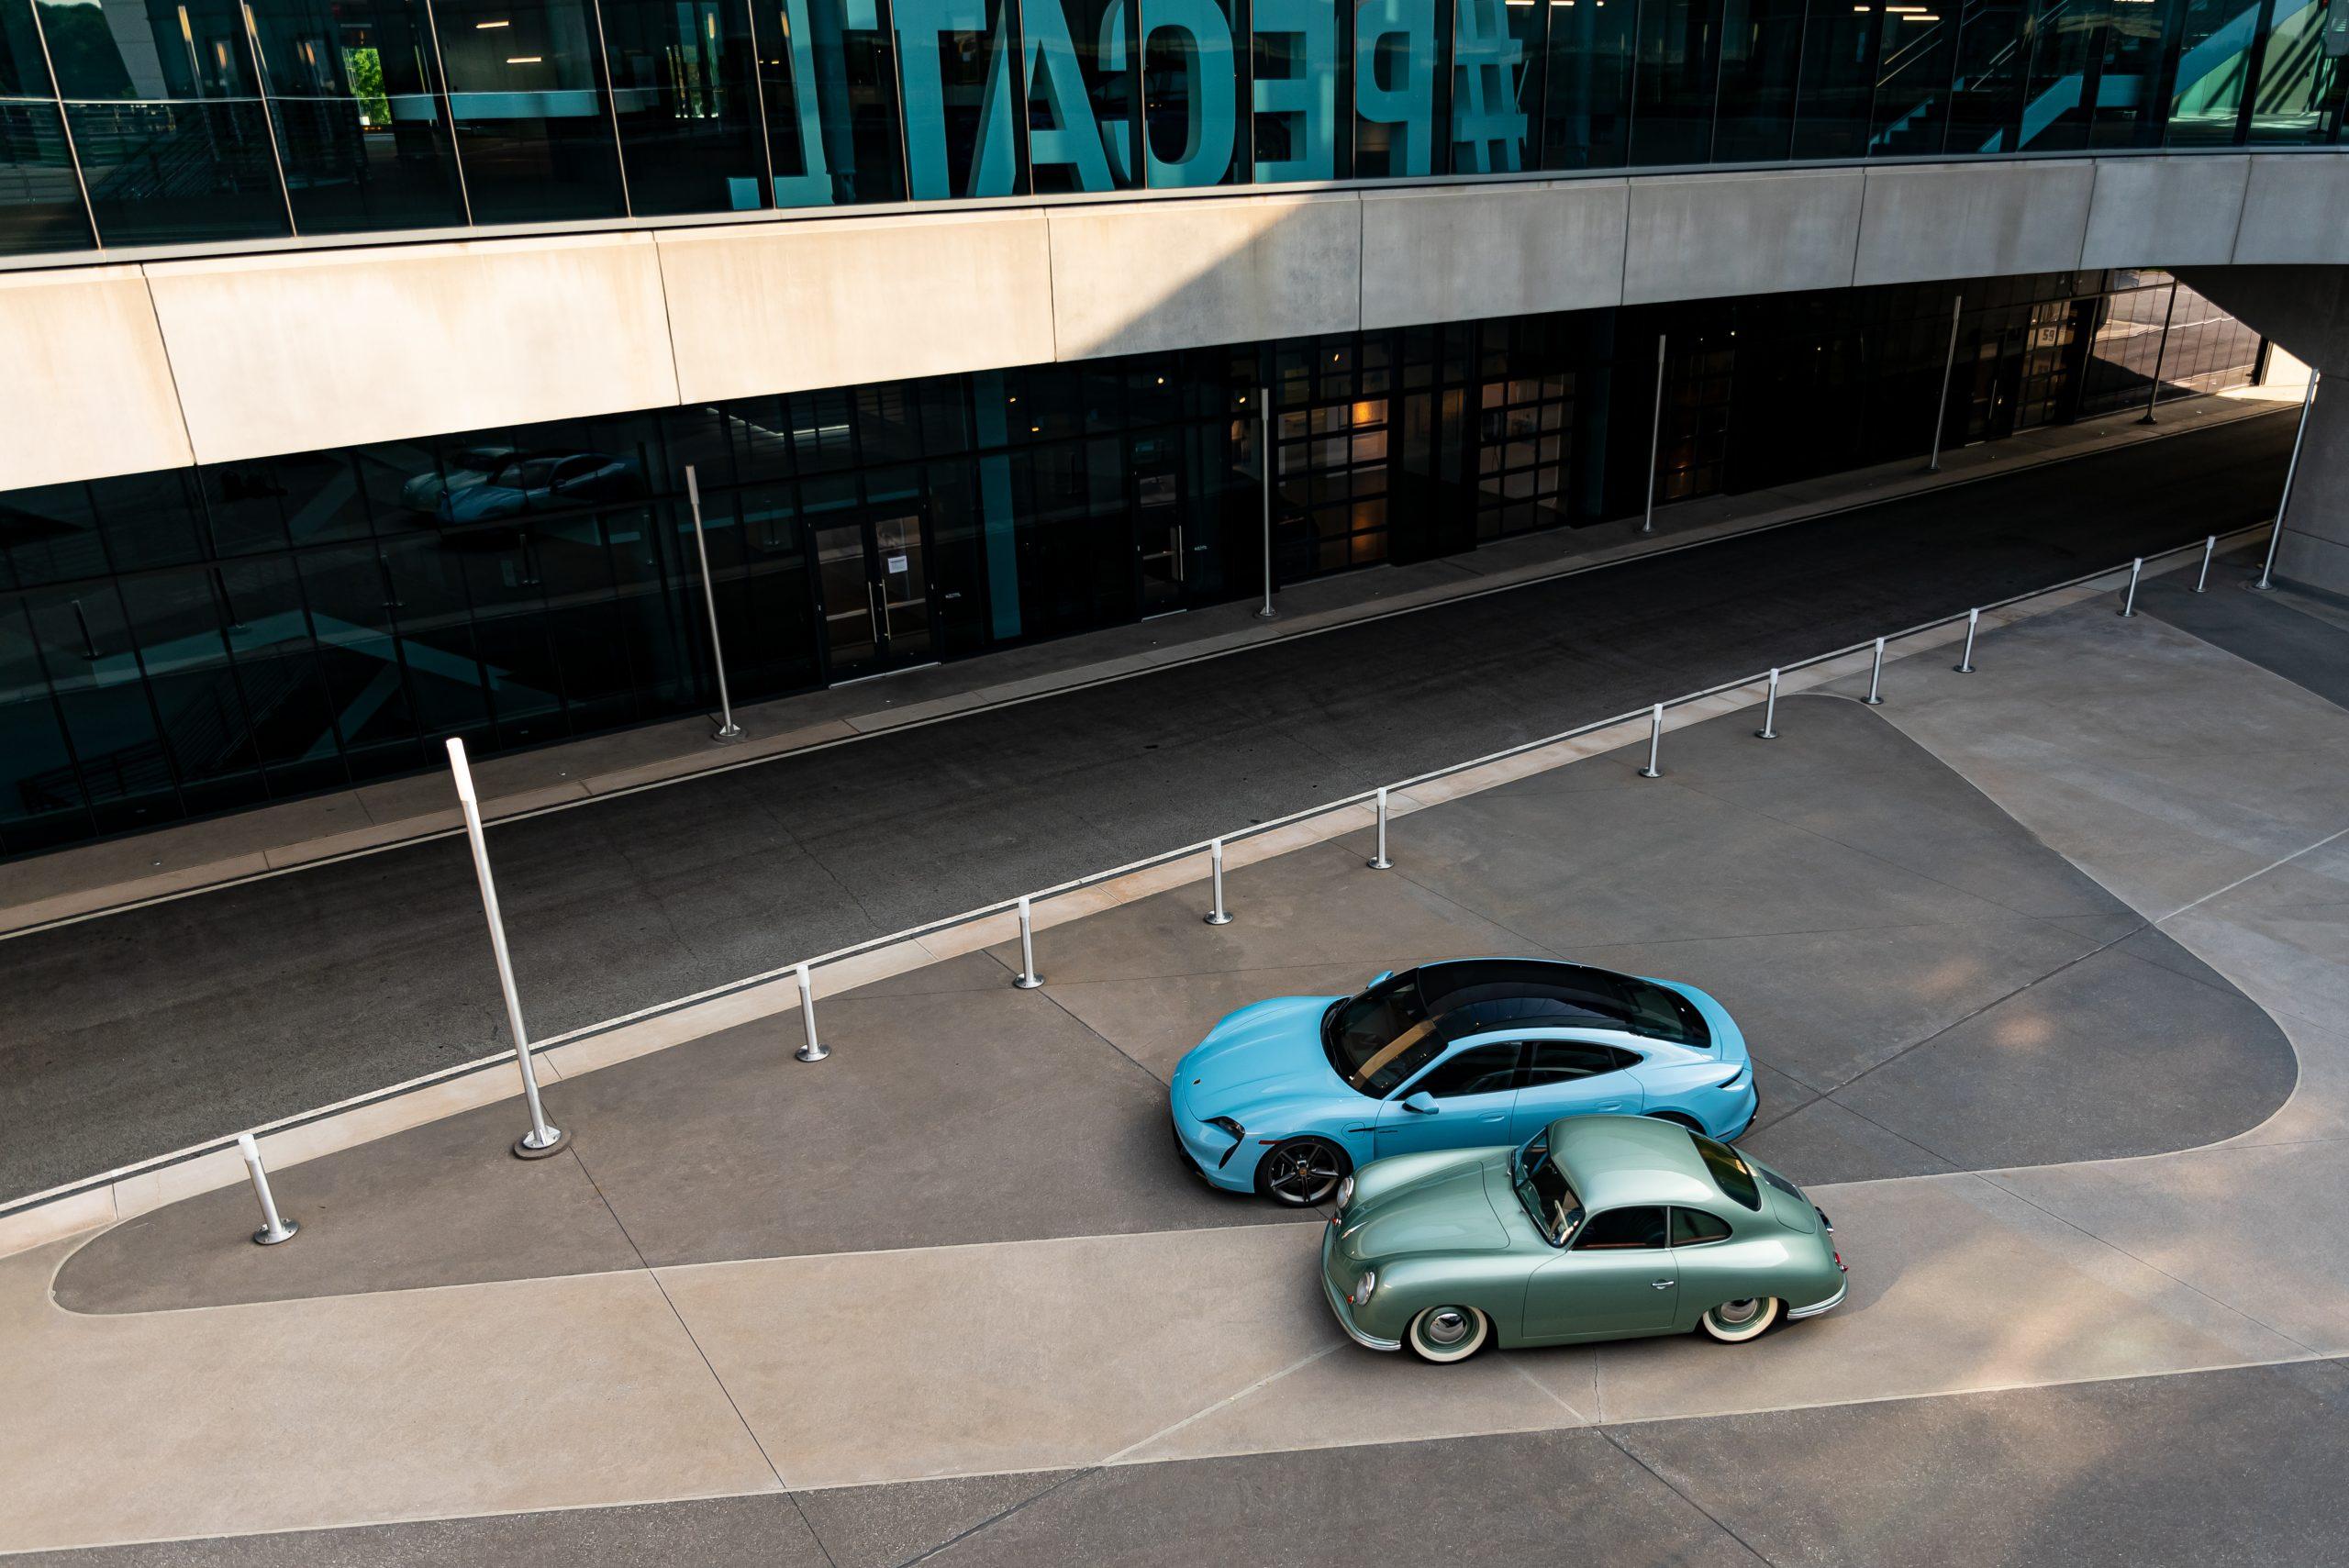 1950 porsche 356 1-1-liter coupe in radium green with 2020 porsche taycan turbo s